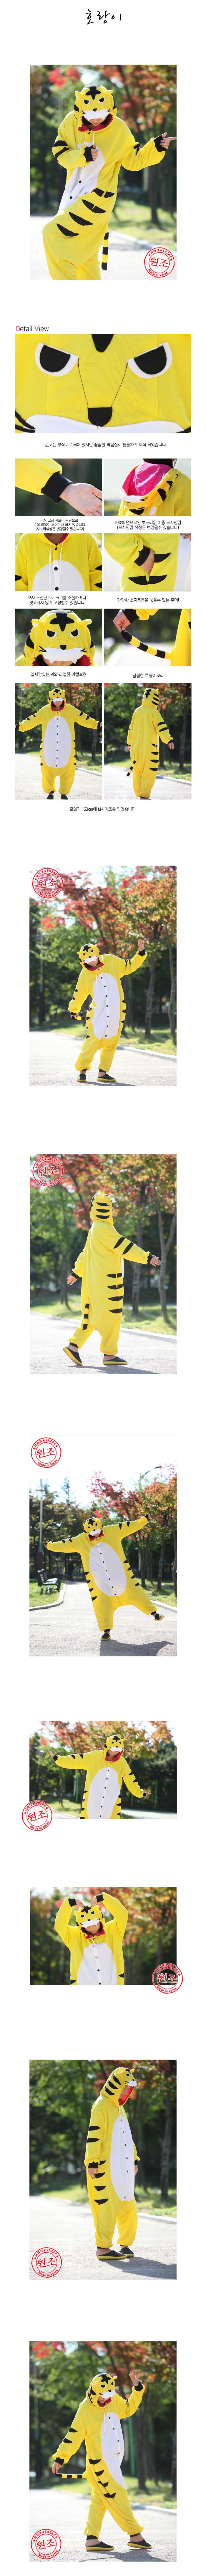 사계절동물잠옷-호랑이 - 사자크동물잠옷, 37,000원, 잠옷, 커플파자마